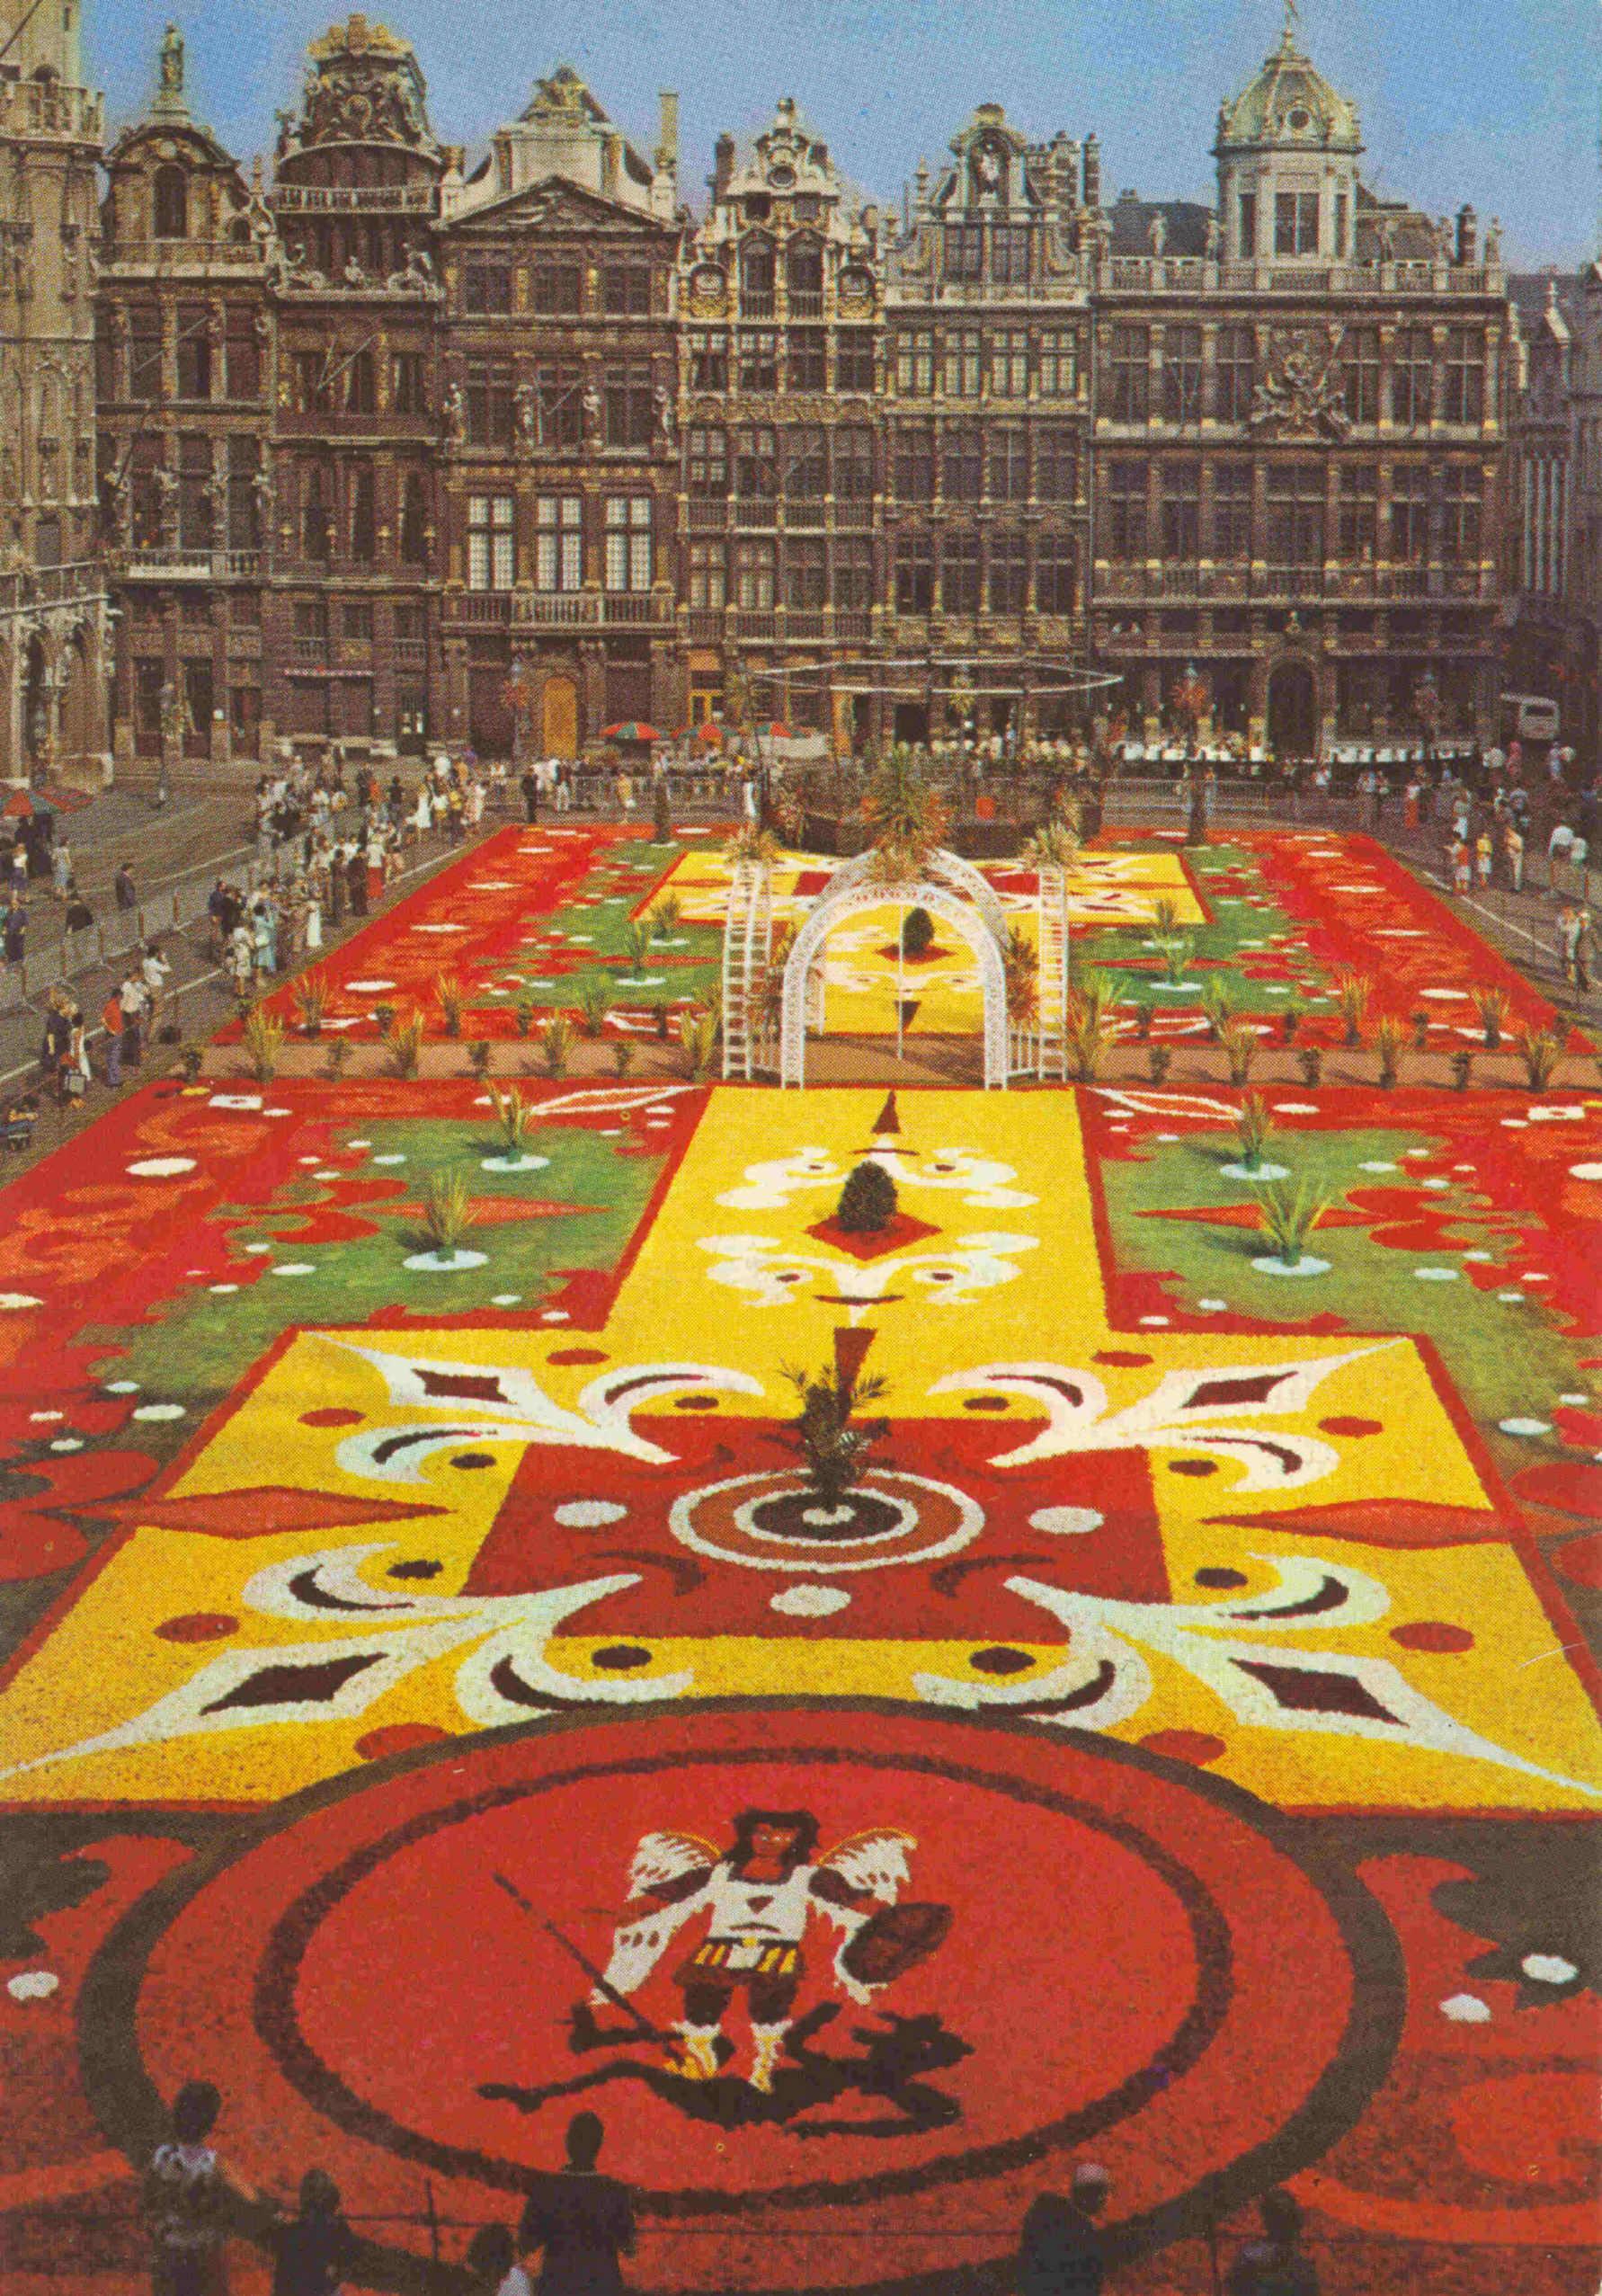 Tourisme en belgique - Office de tourisme bruxelles grand place ...